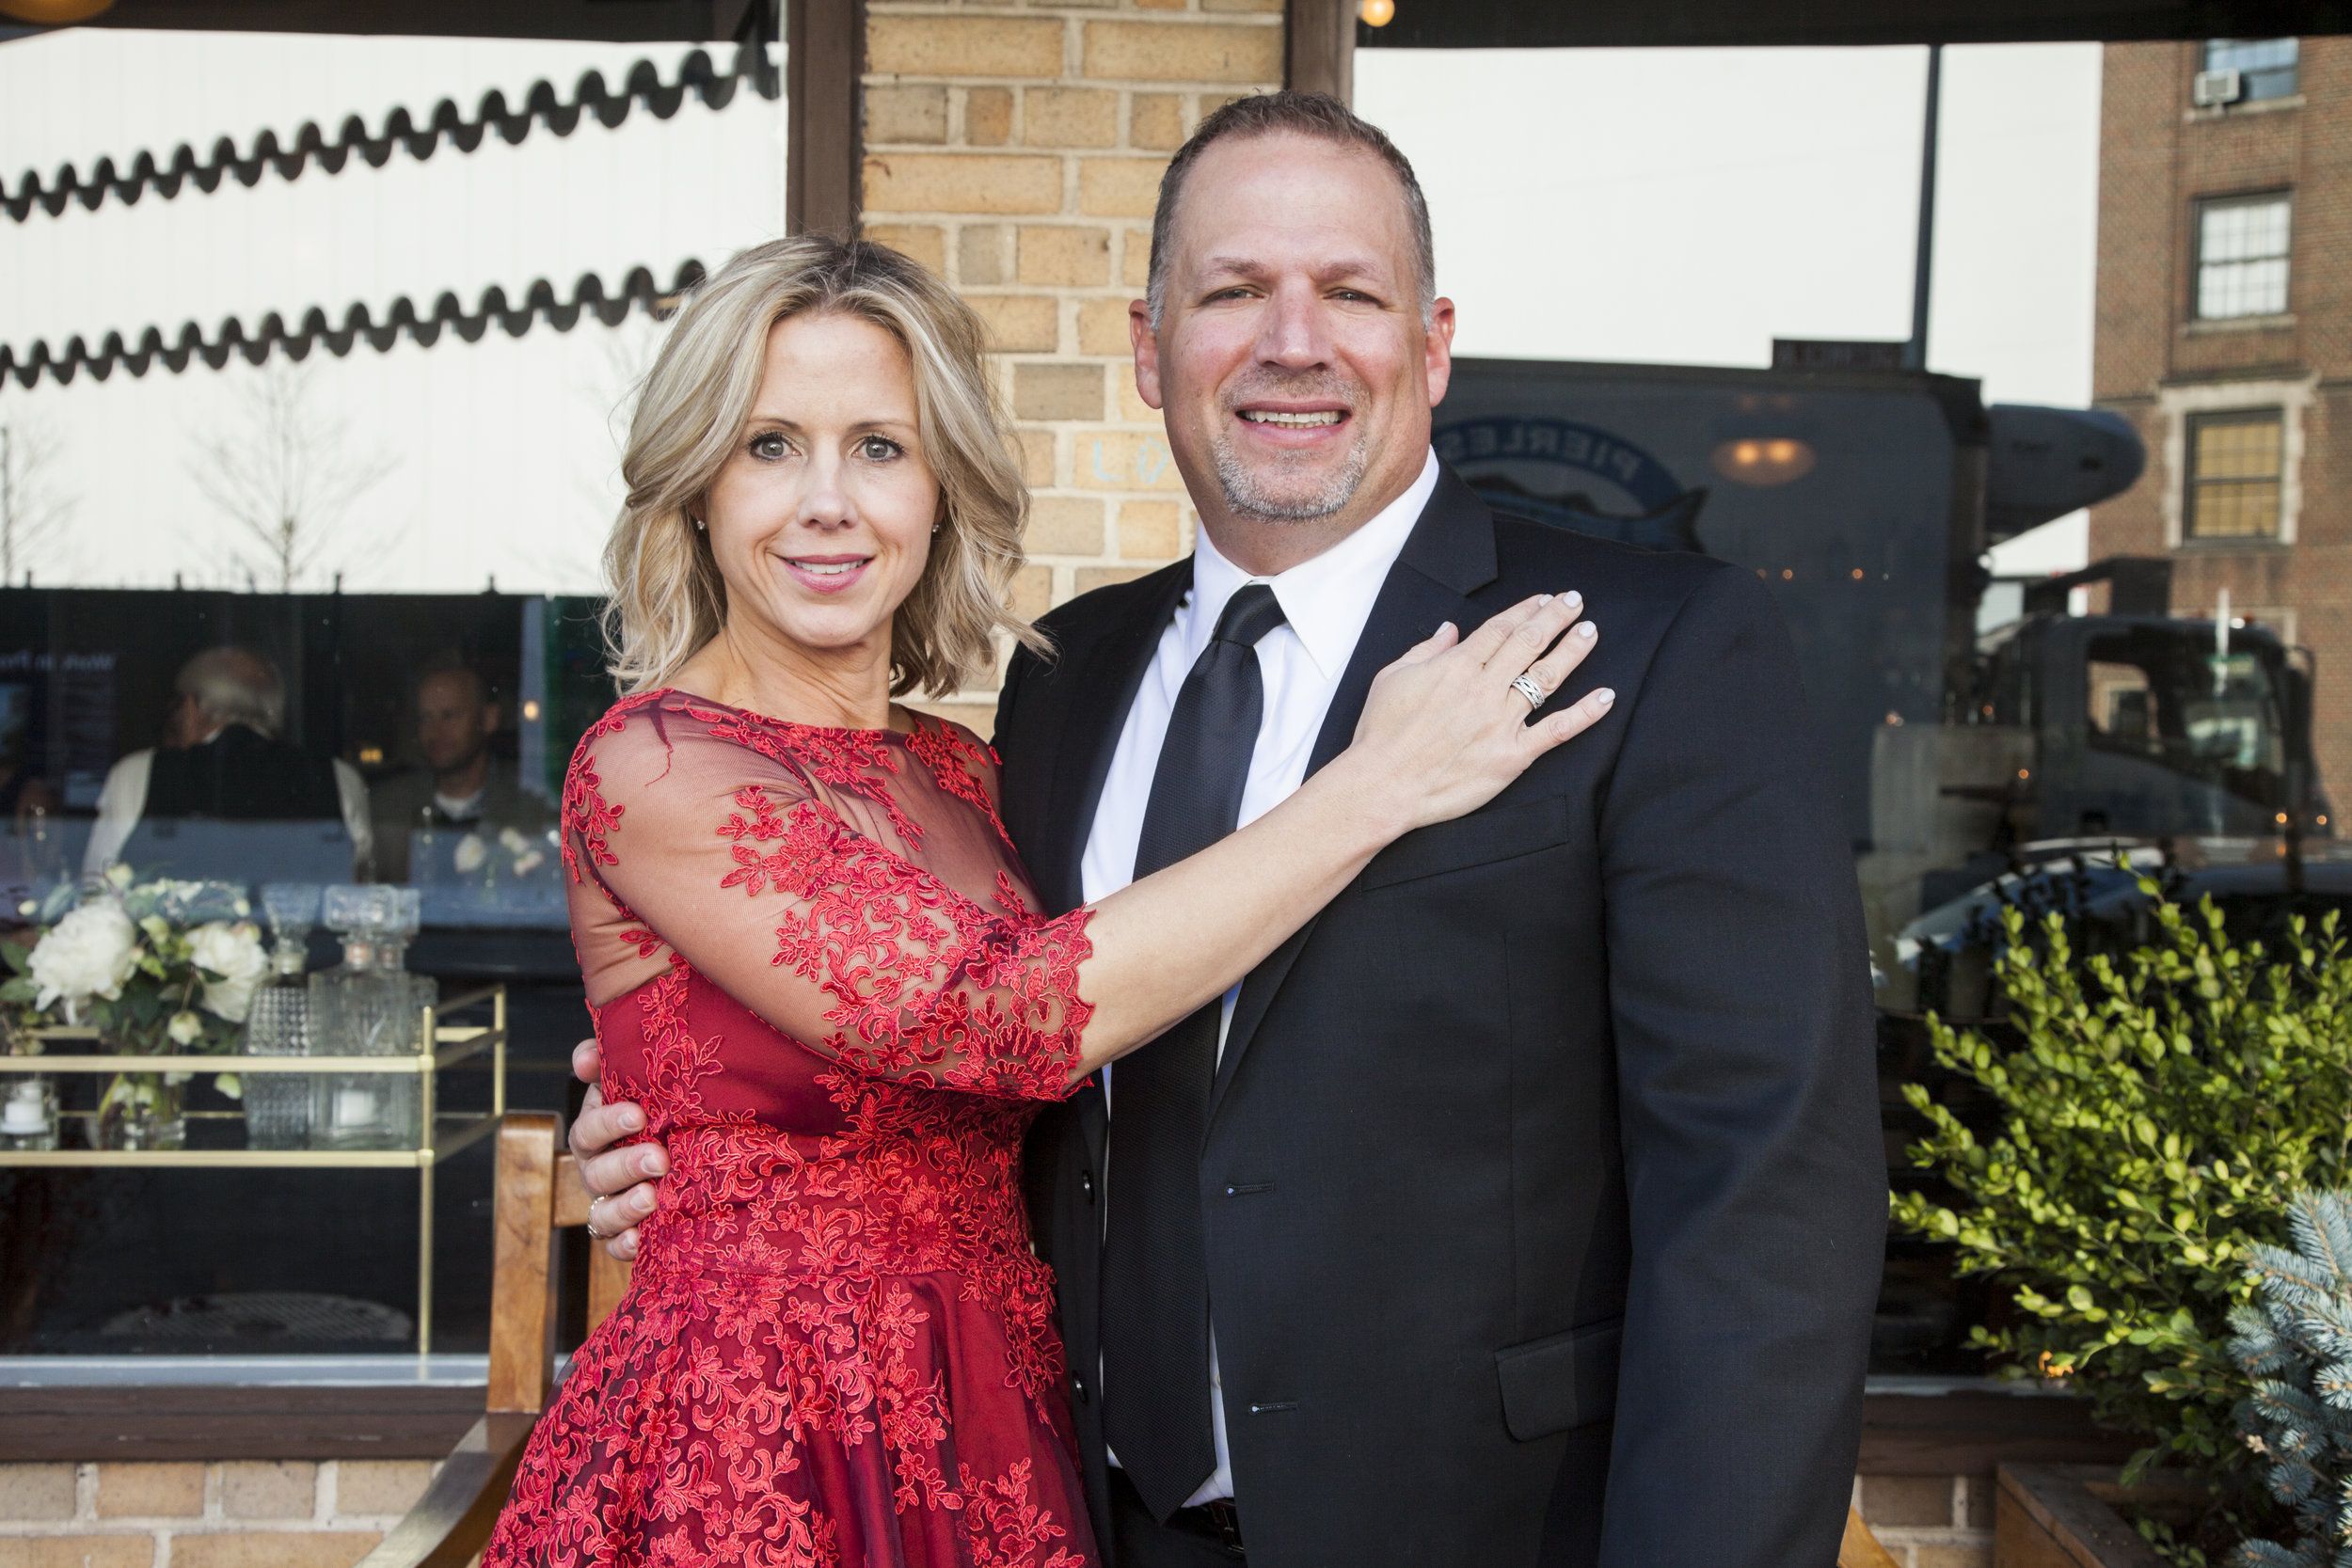 Tonya & Husband.jpg